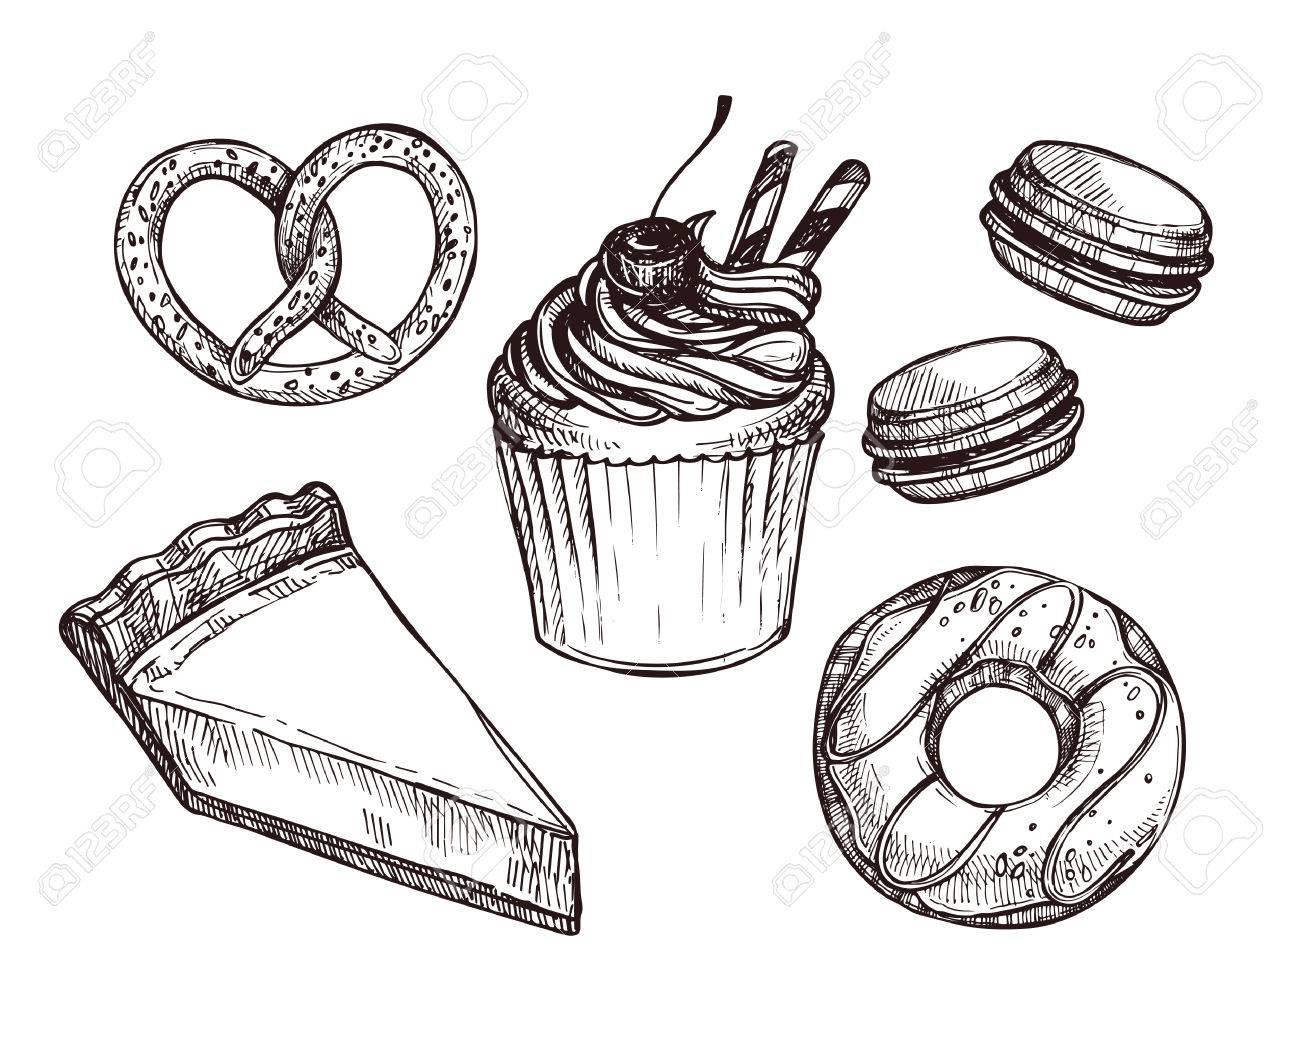 Hand Gezeichnet Vektor Illustration Set Mit Sussen Und Dessert